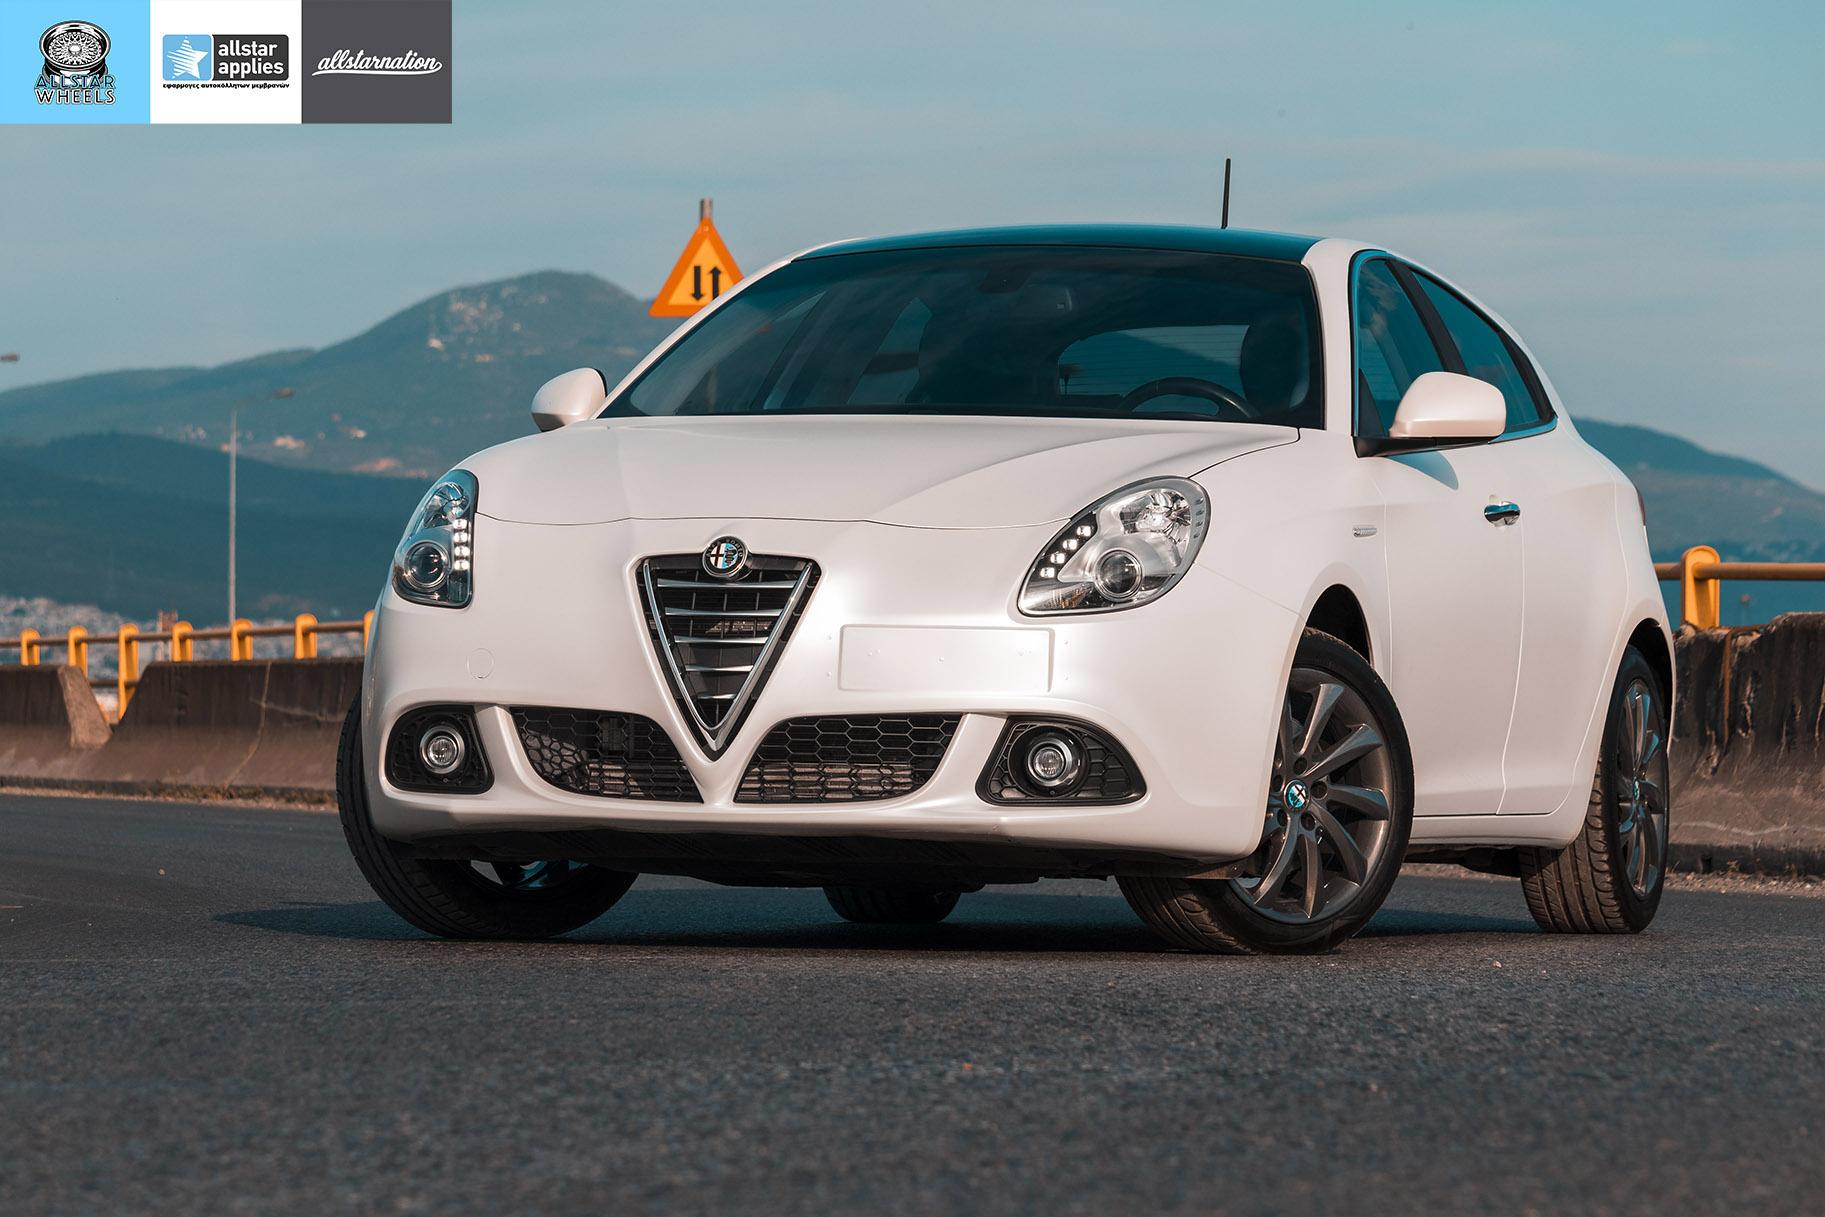 Αλλαγής Χρώματος με Μεμβράνη Alfa Romeo Giulietta Matt Diamond White | Allstar Applies στη Θεσσαλονίκη